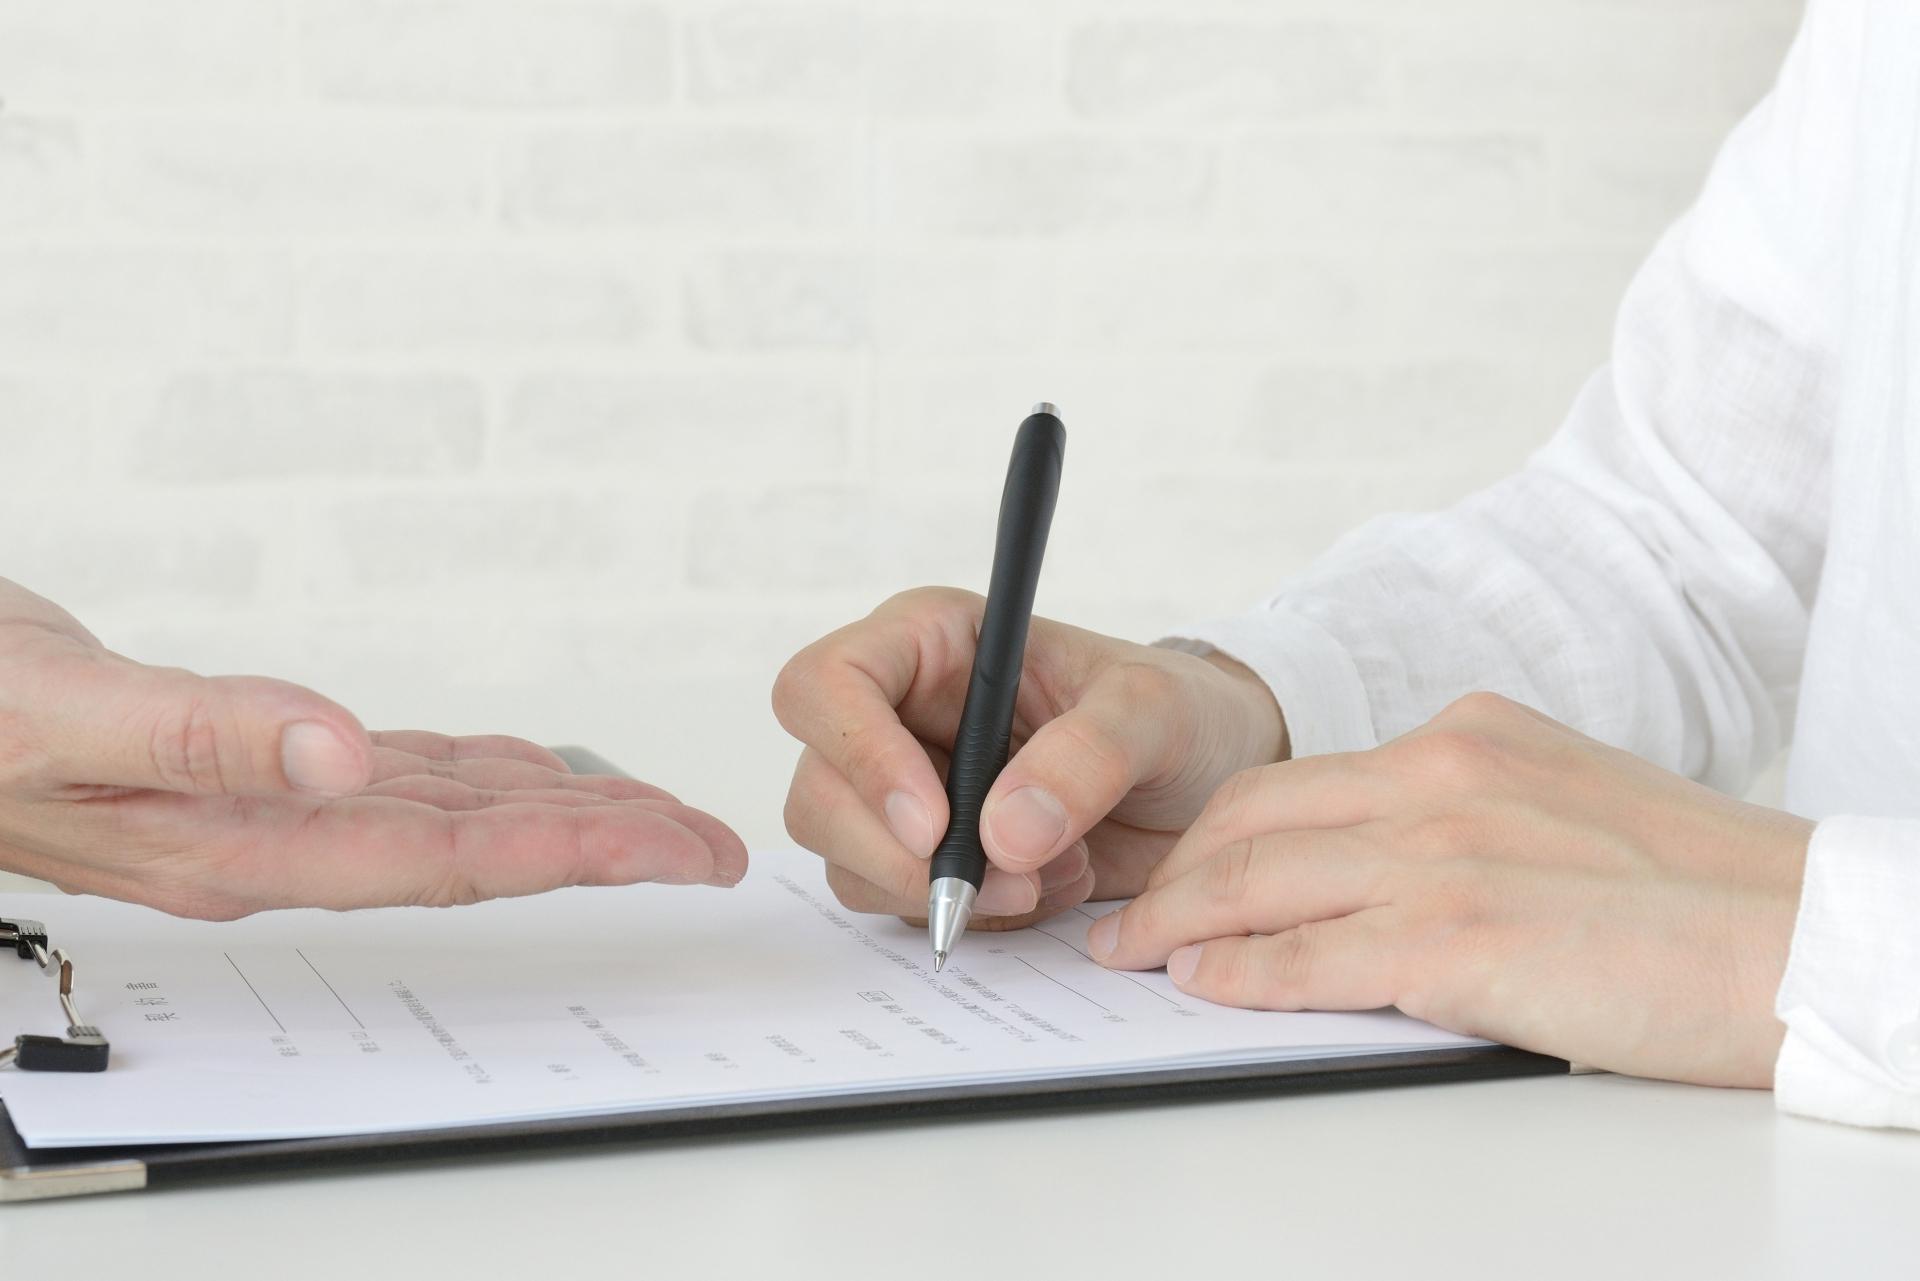 契約率を劇的に高めるクロージング 6つの重要ポイント_契約